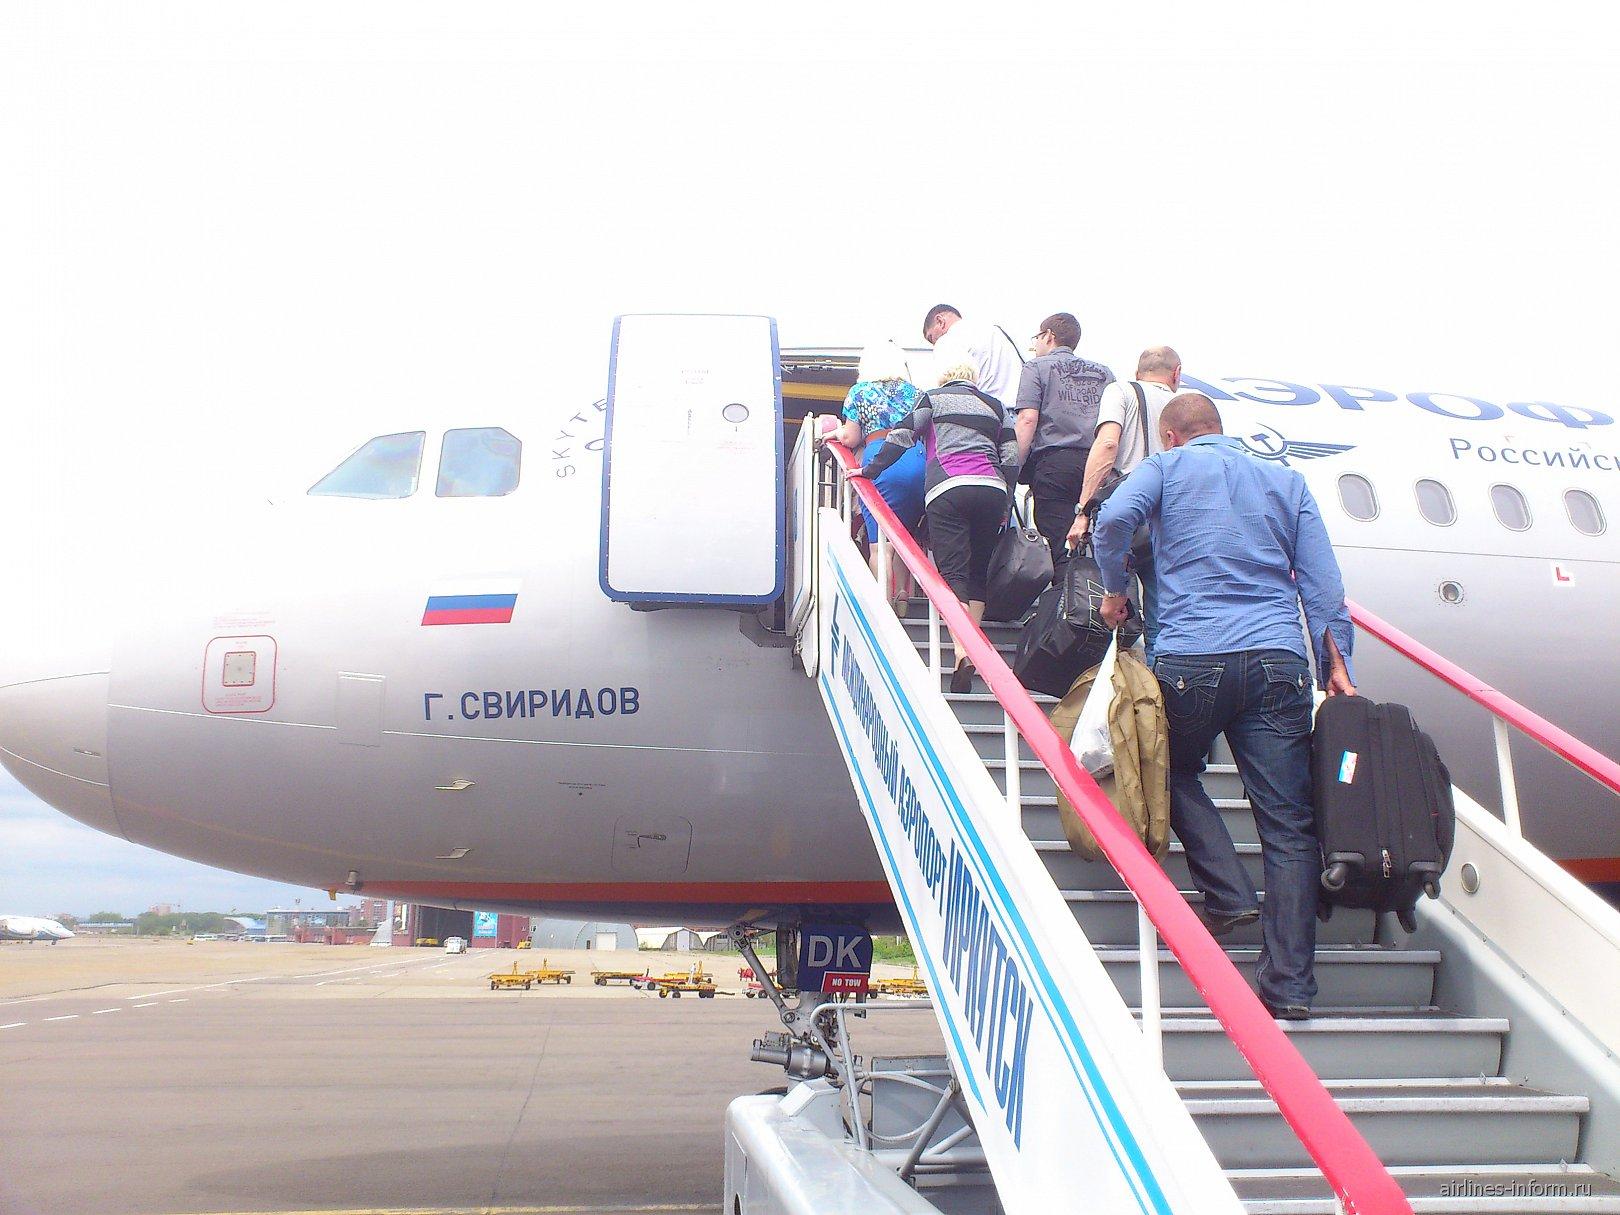 Посадка на рейс Аэрофлота Иркутск-Москва